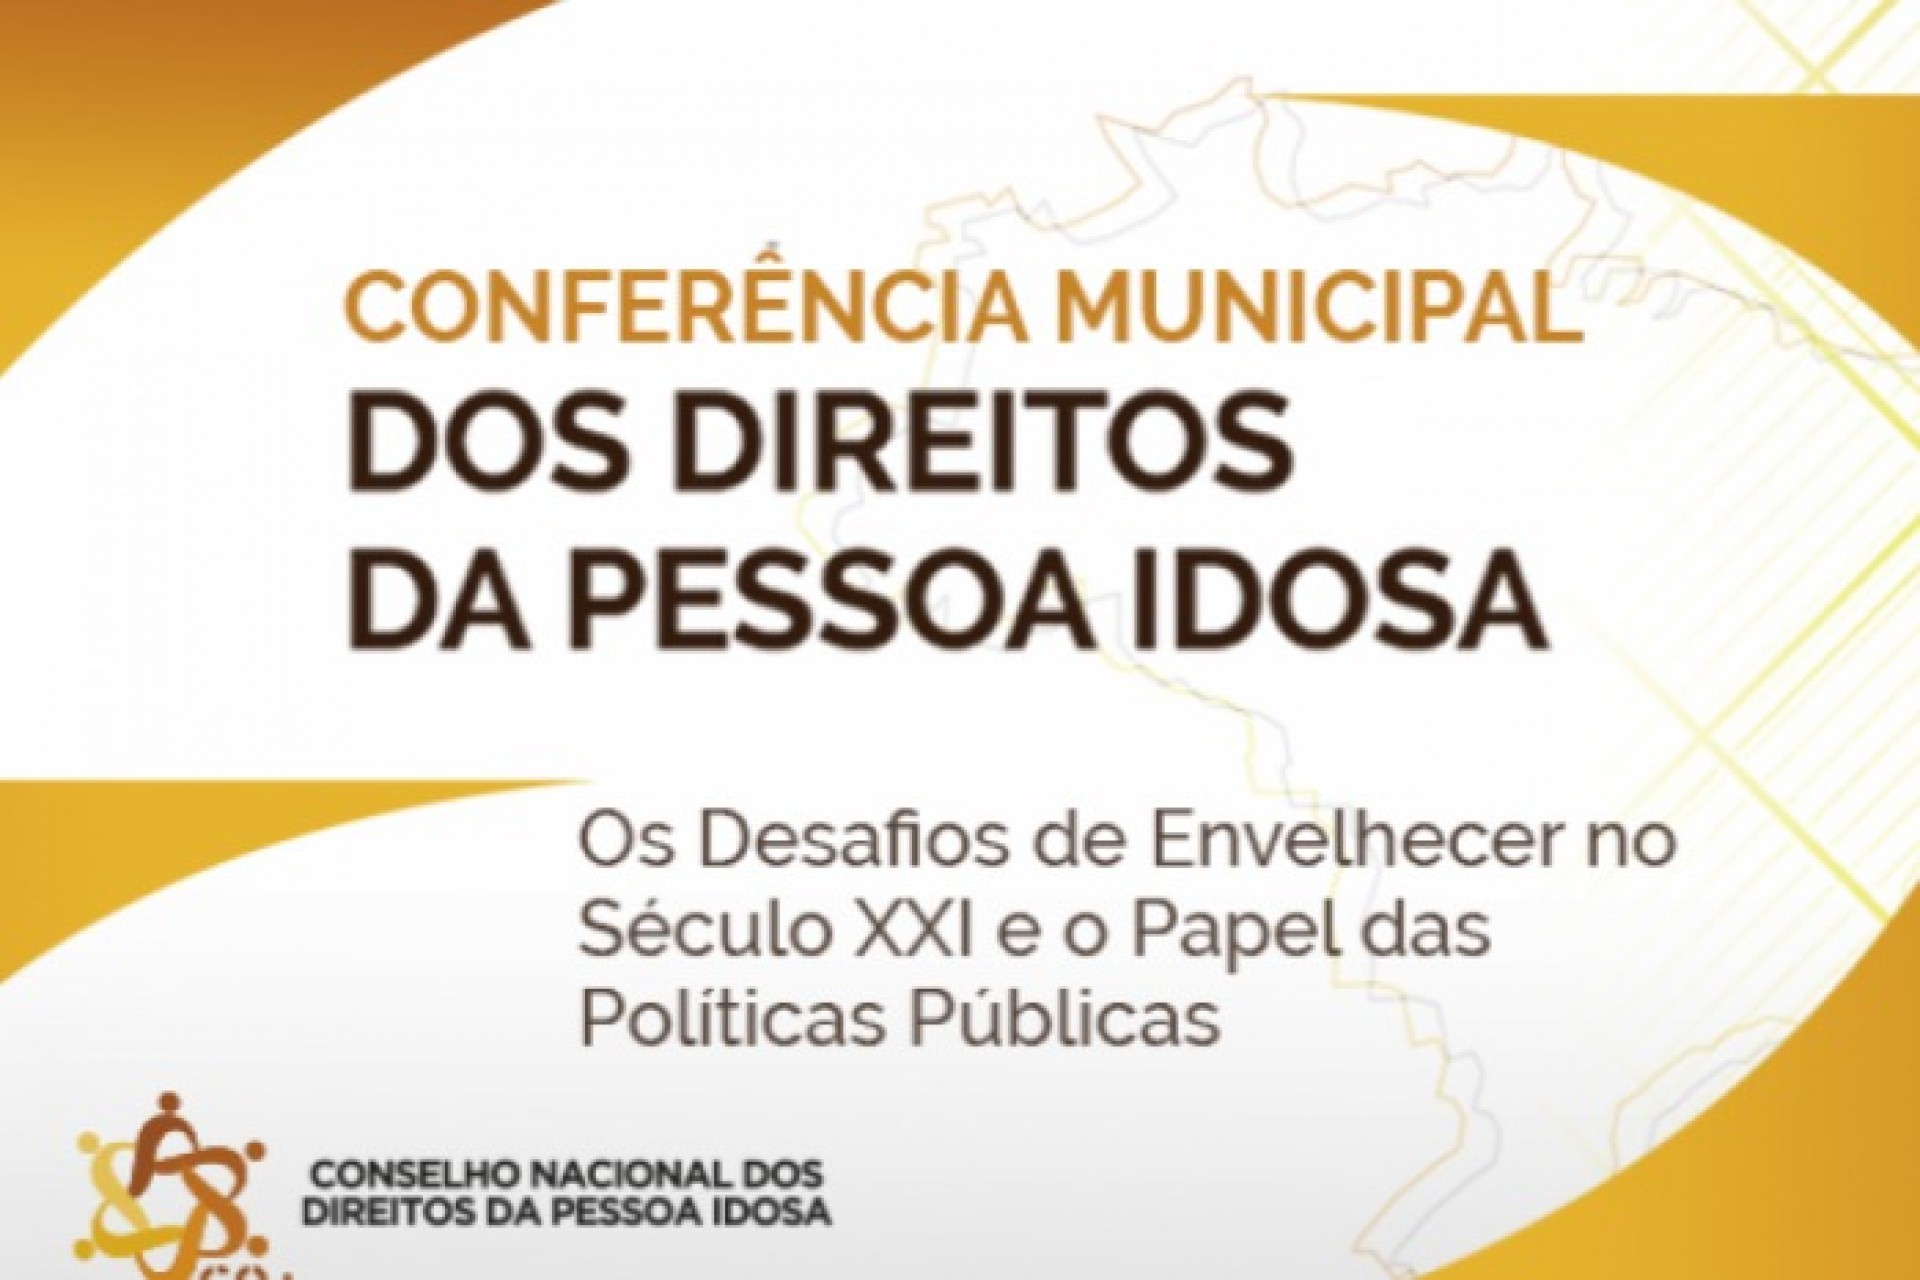 Missal prepara a III Conferência Municipal dos Direitos da Pessoa Idosa